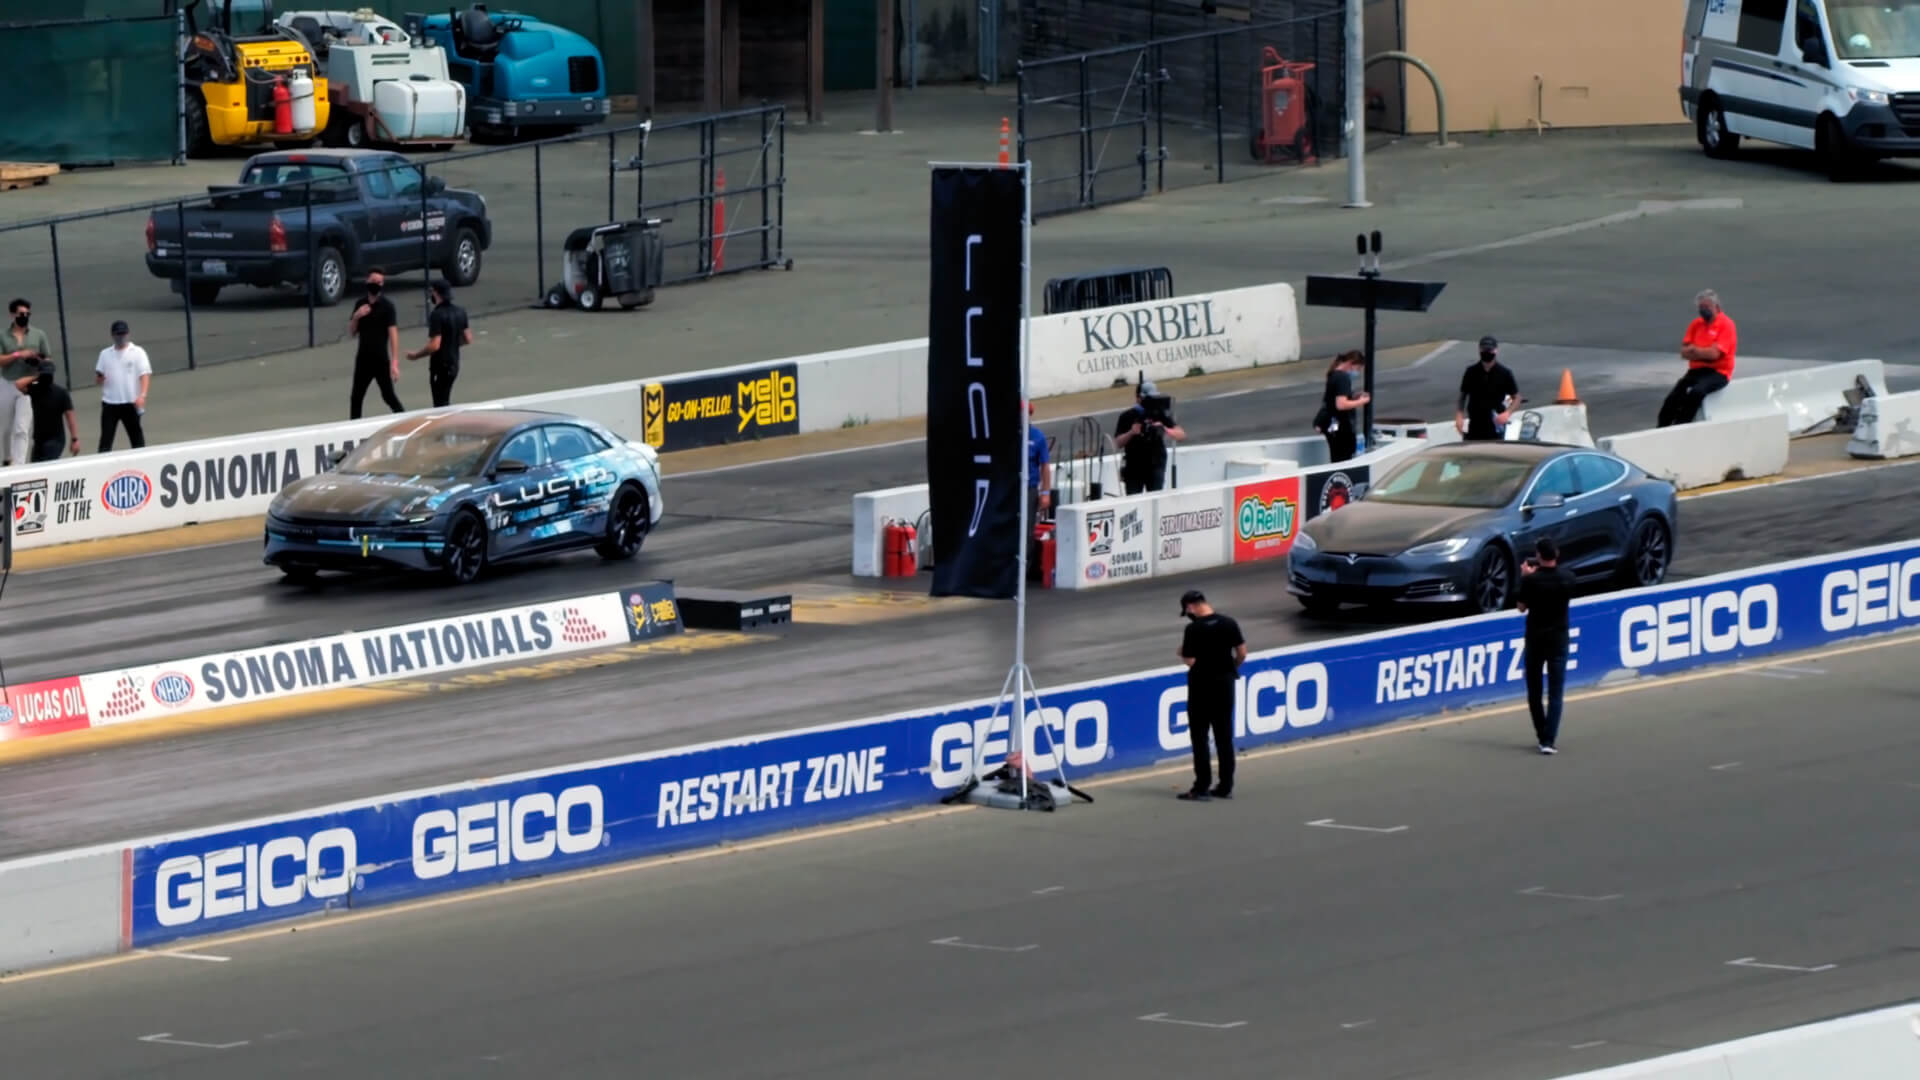 Lucid Air обогнал Tesla Model S в гонке на четверть мили с результатом 9,9 секунды